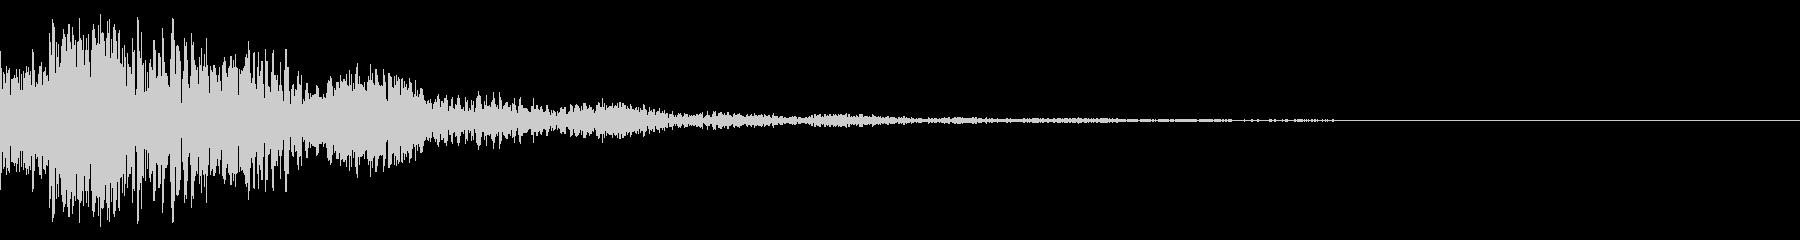 ドドン!(迫力ある太鼓と和風鼓の音)02の未再生の波形